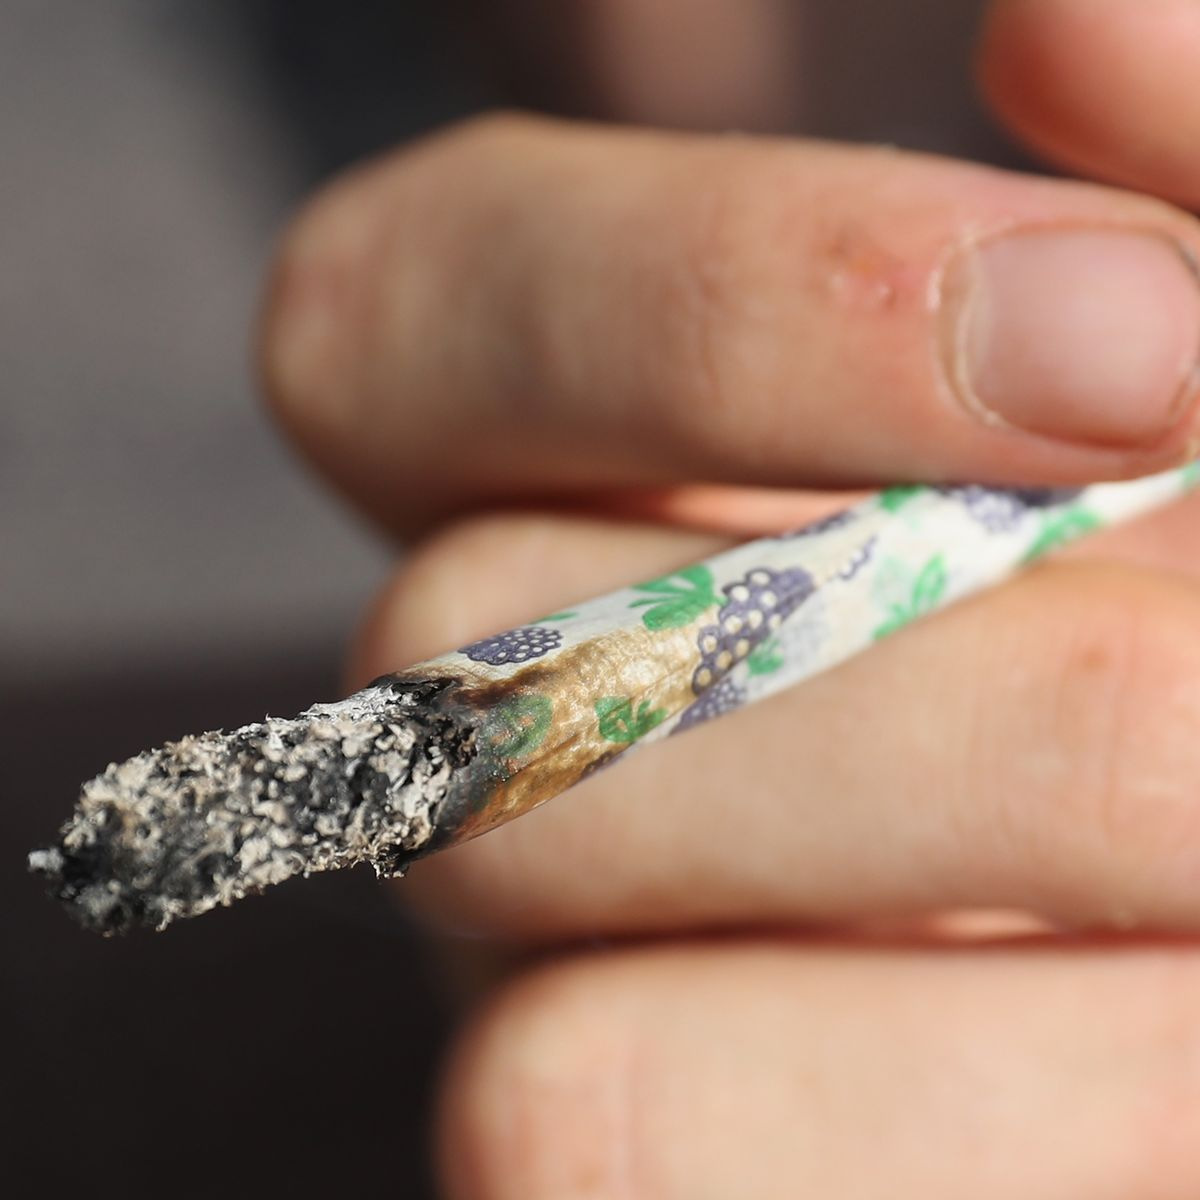 Consumo de marihuana afecta en el desarrollo intelectual, según estudio chileno